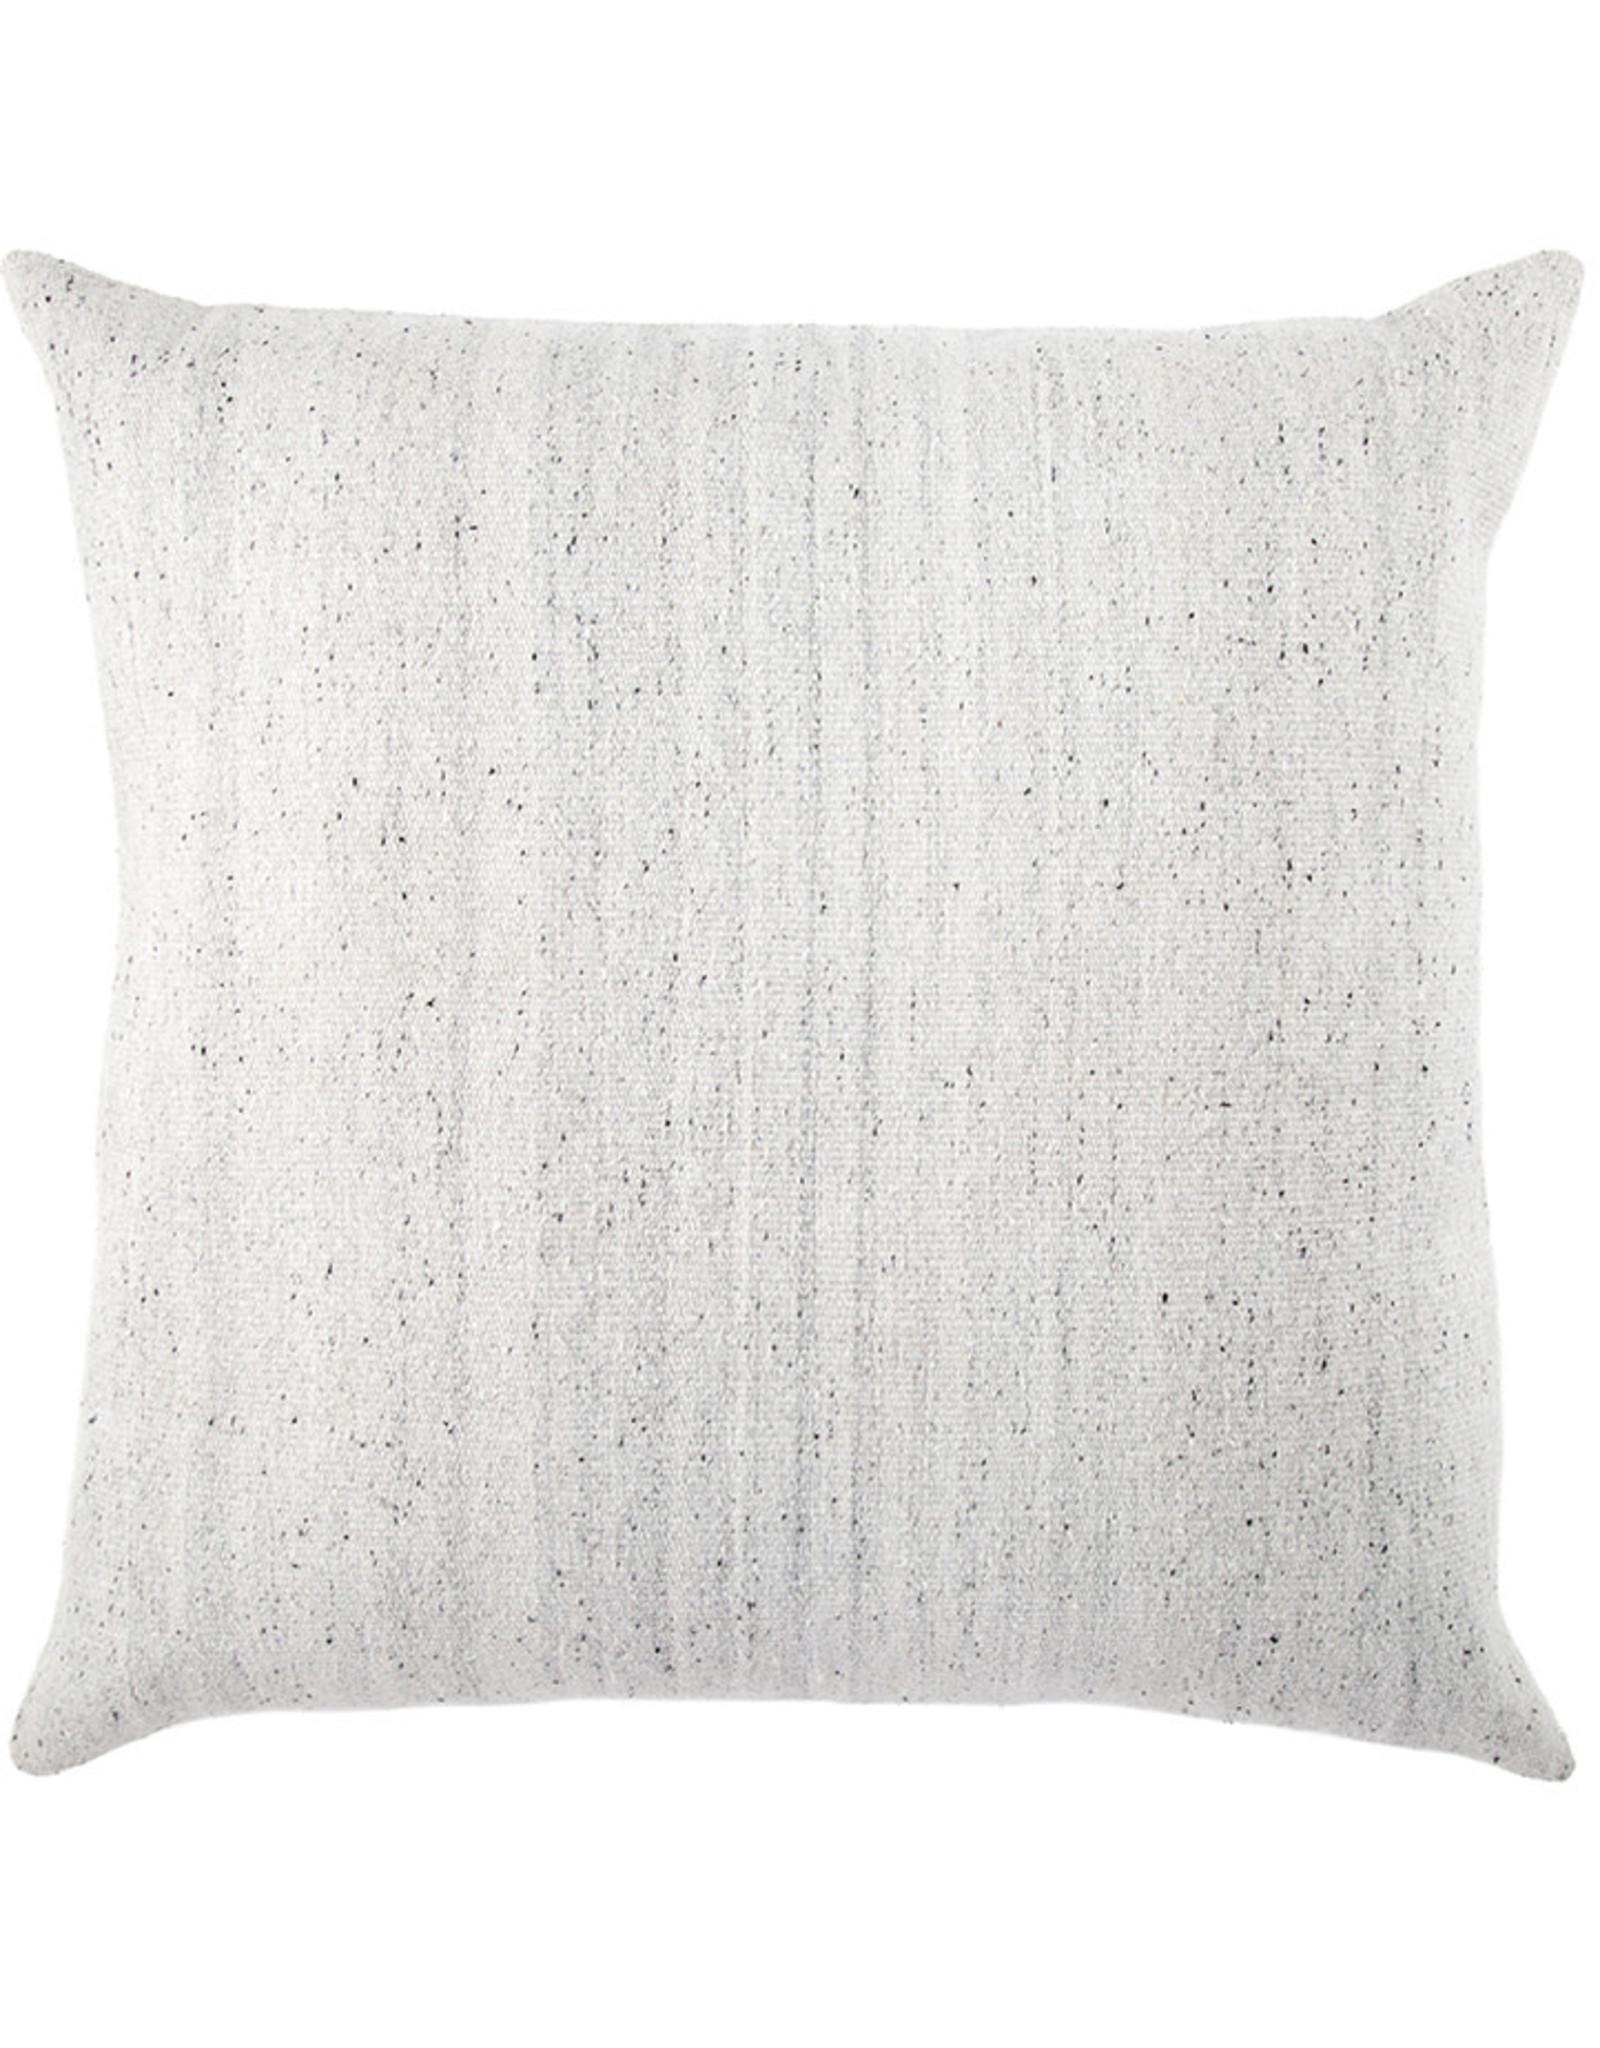 Jaipur Down Fill Pillow- Scandi 30x30 MCO07